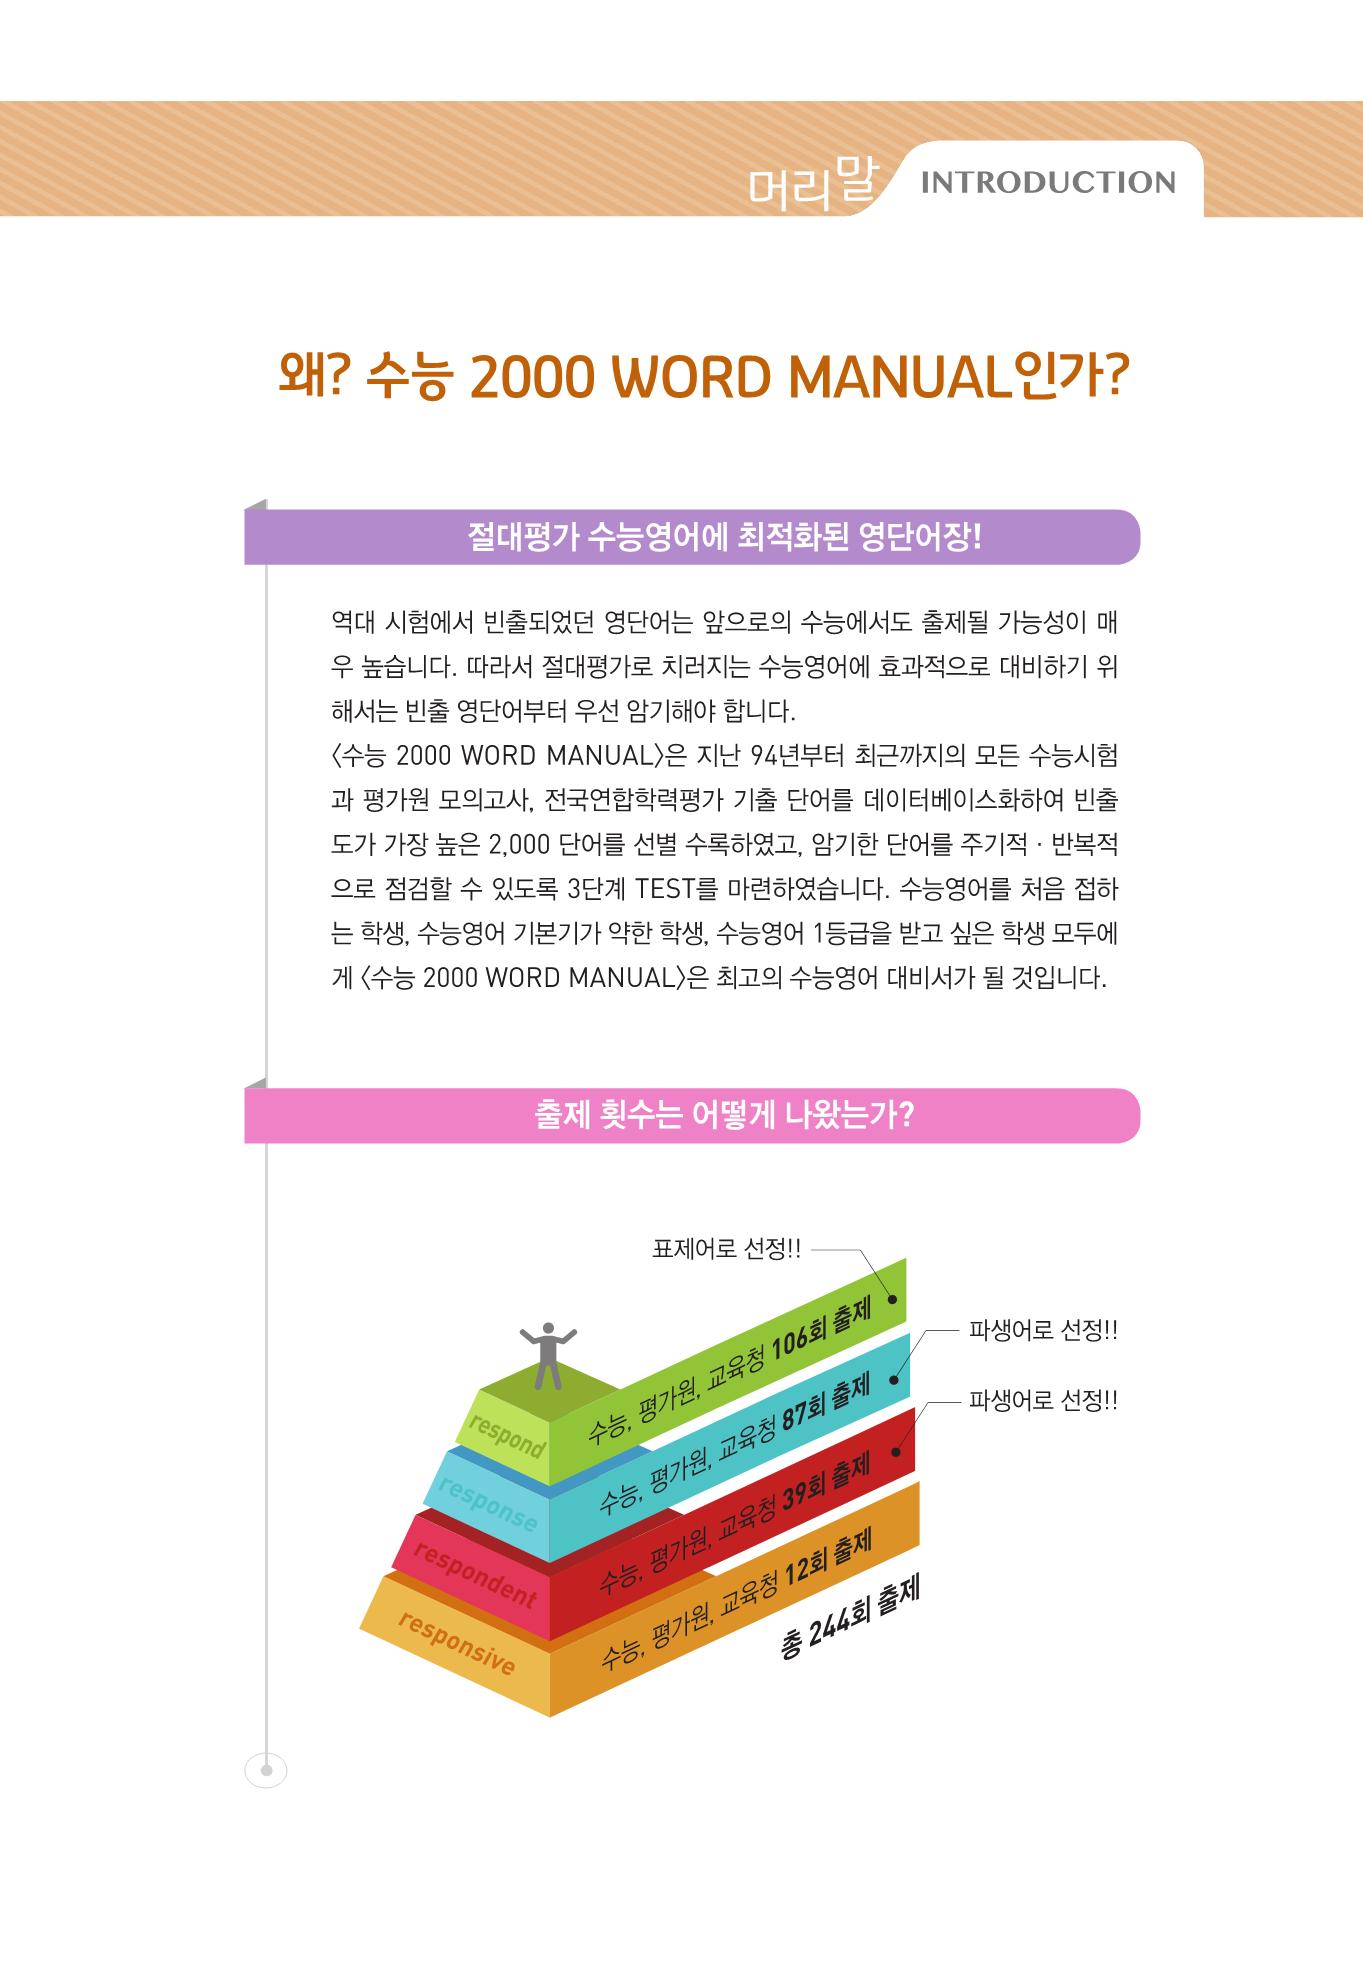 미리보기_숨마수능2000워드메뉴얼2.png